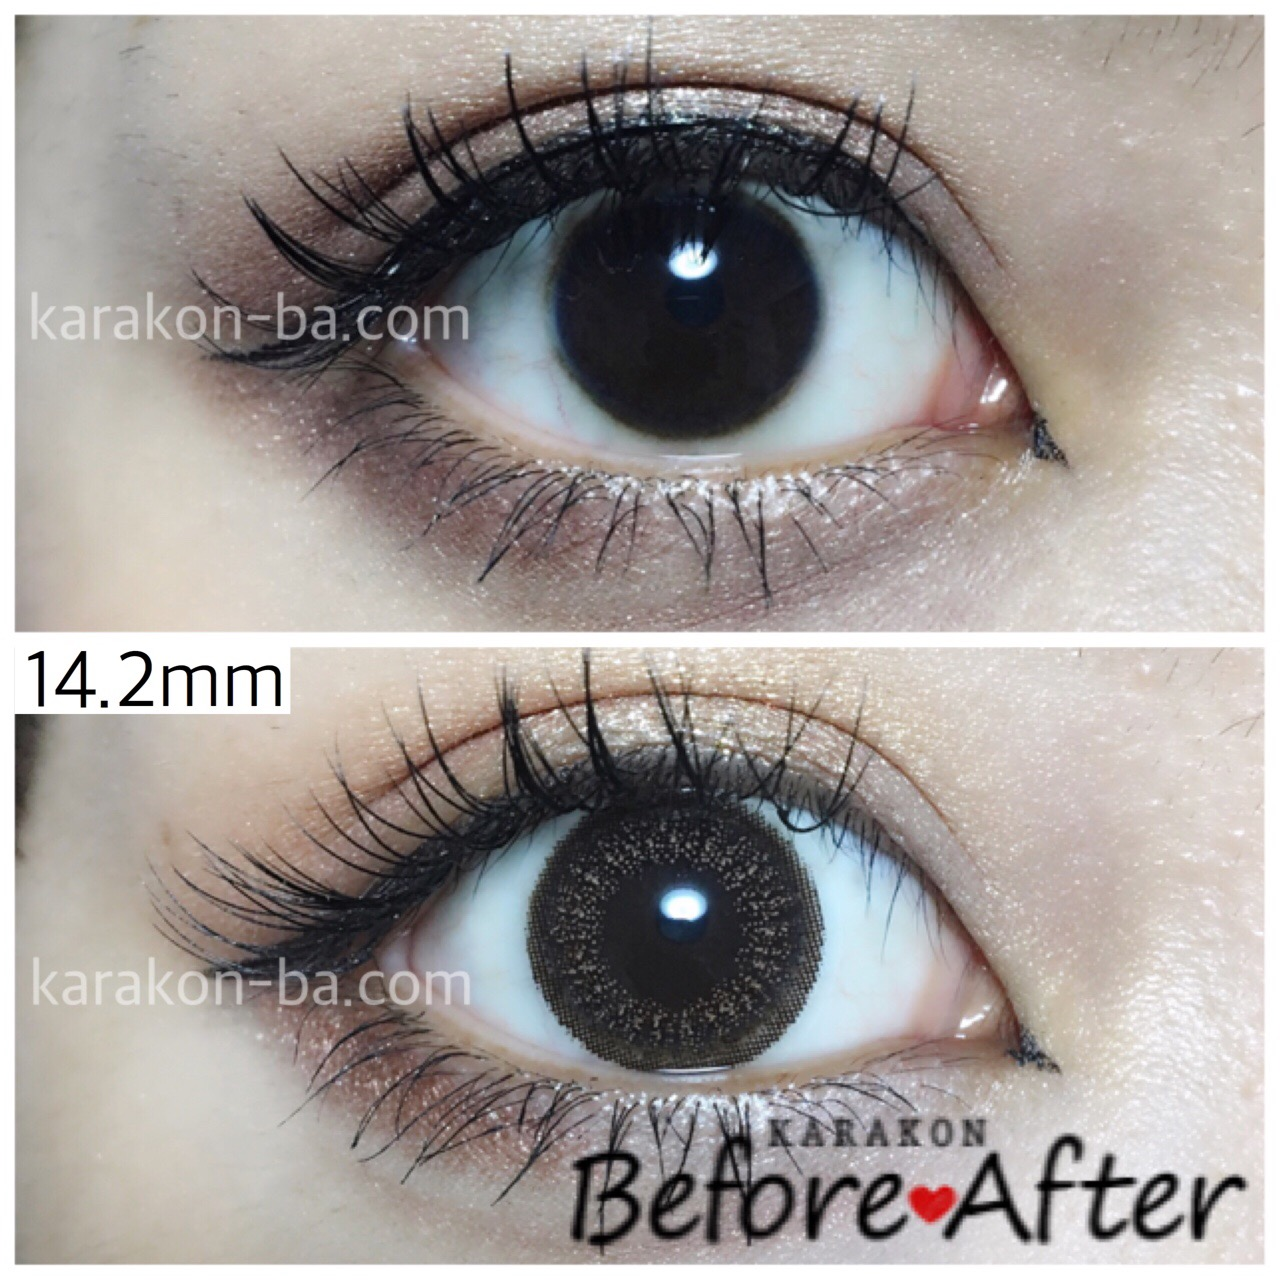 eyelist(アイリスト)ヌーディーのカラコン装着画像/裸眼と比較レポ